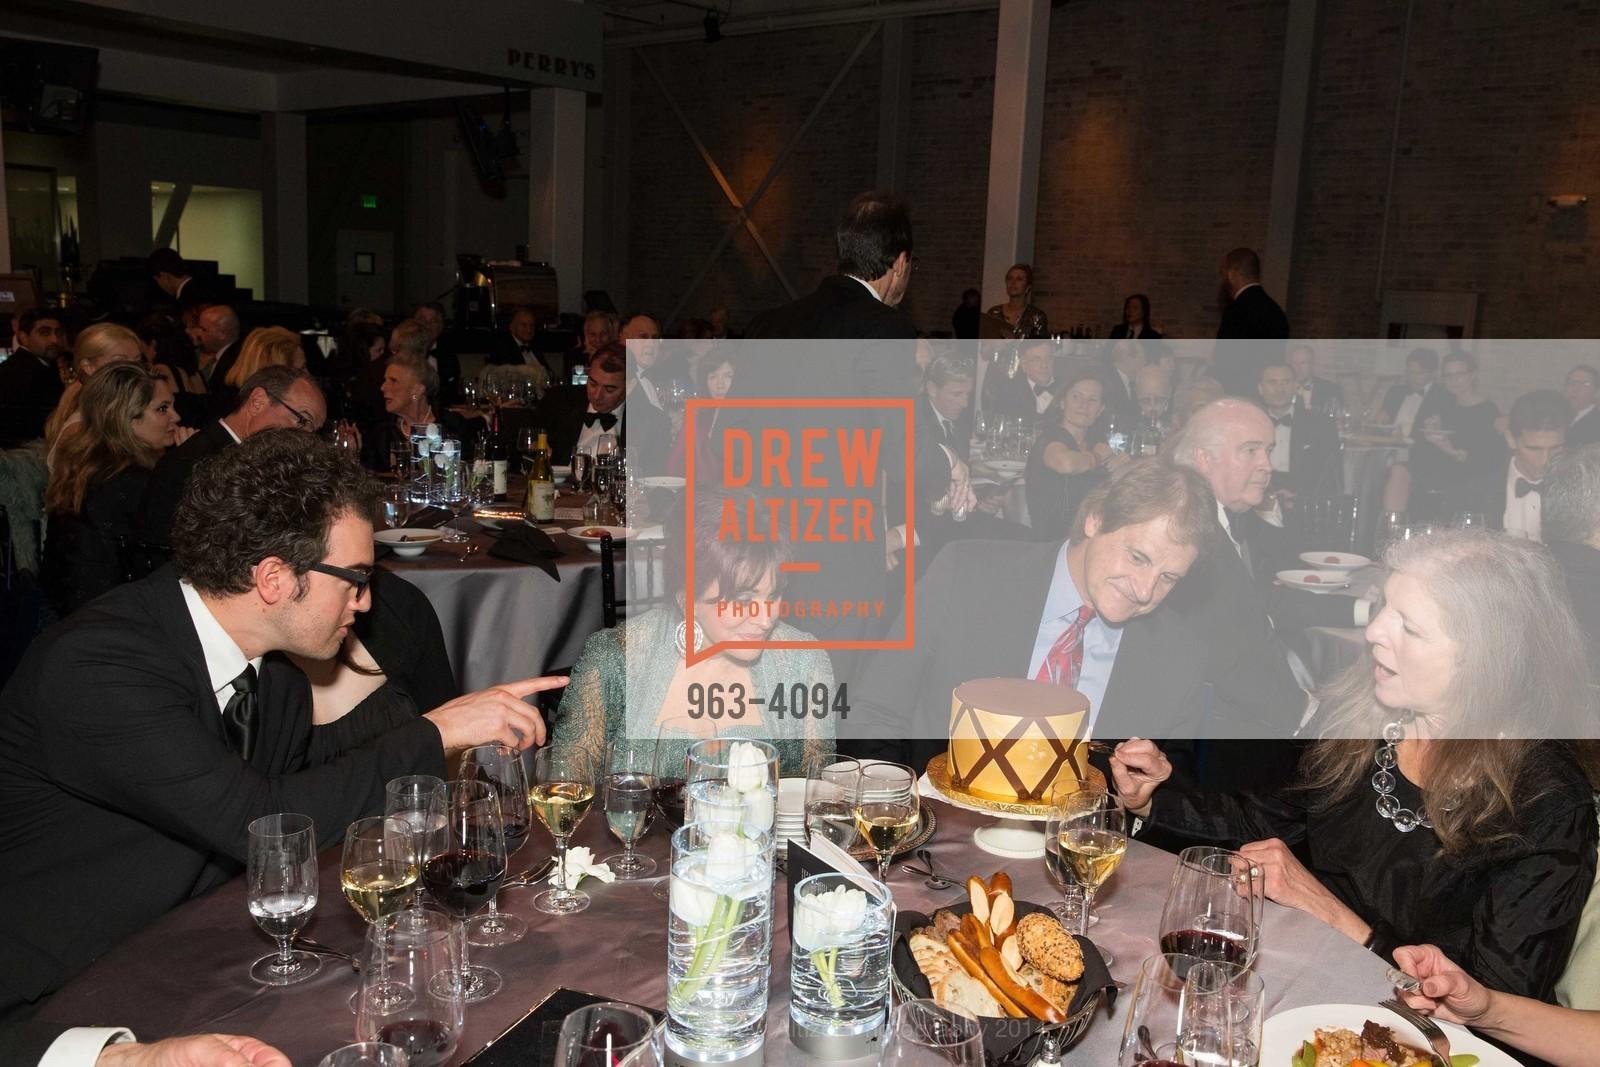 Ryan Torres, Devon La Russa, Elaine La Russa, Tony La Russa, Leah Garchik, Photo #963-4094